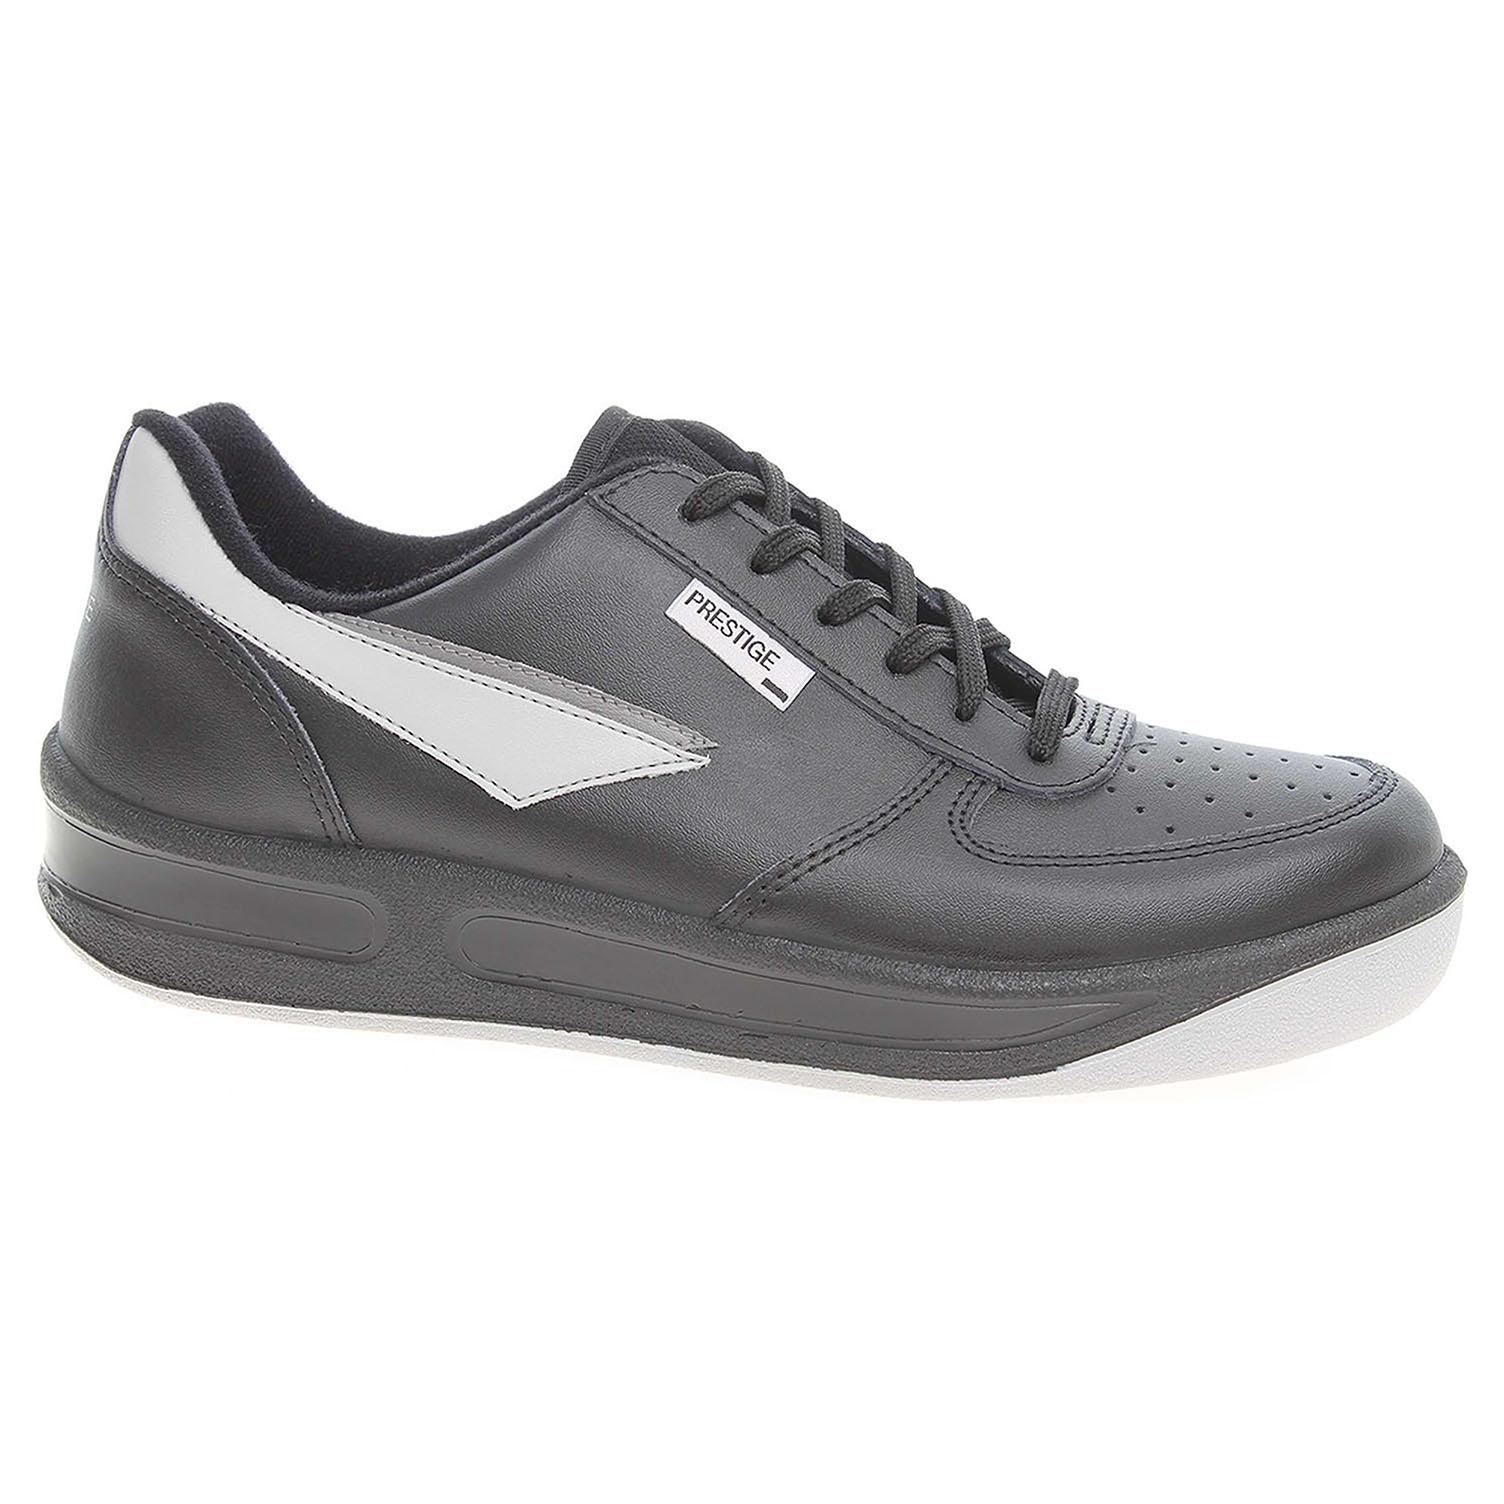 Pánská obuv Prestige 86808-60 černá 86808-60 černá 46